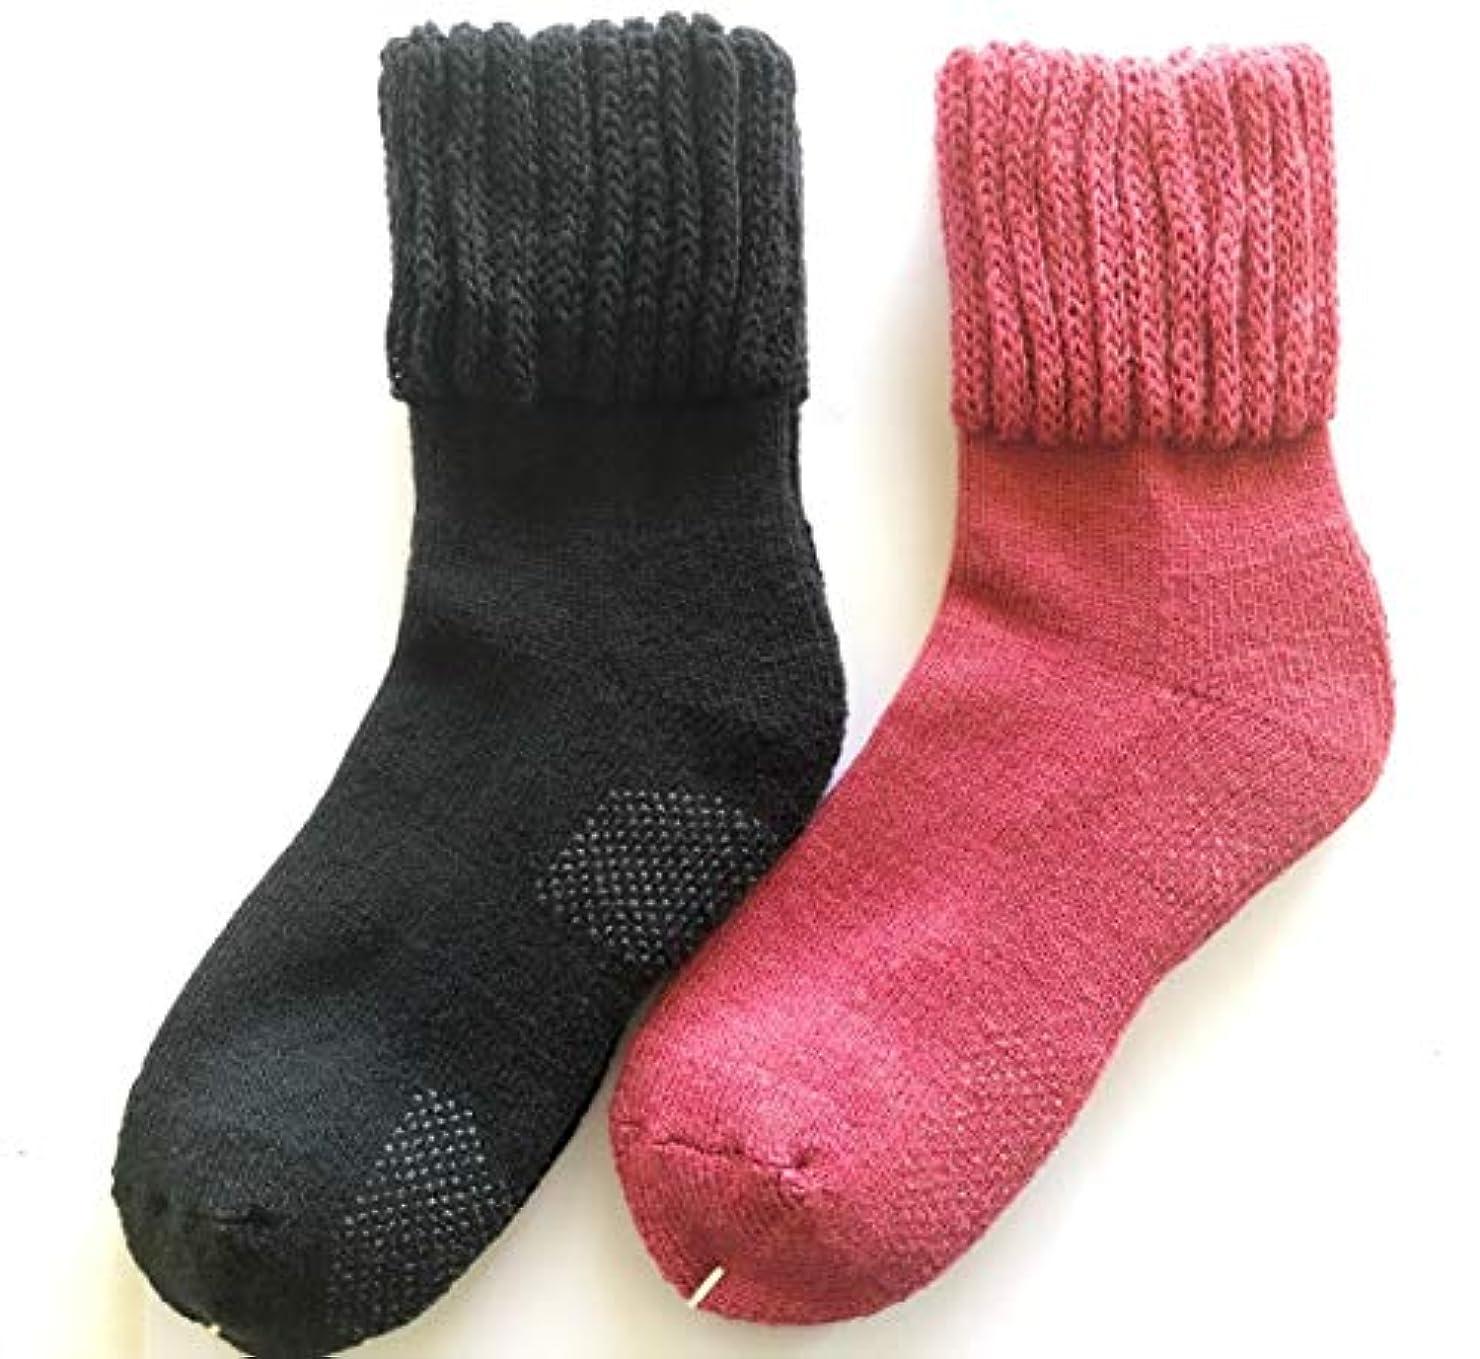 初期のほめる落ち着く【在庫処分】この暖かさは半端ない レディース パイル靴下 厚手 ゆったり ゴム 滑り止め 付き 23-25㎝ 冷え 対策 842p 太陽ニット